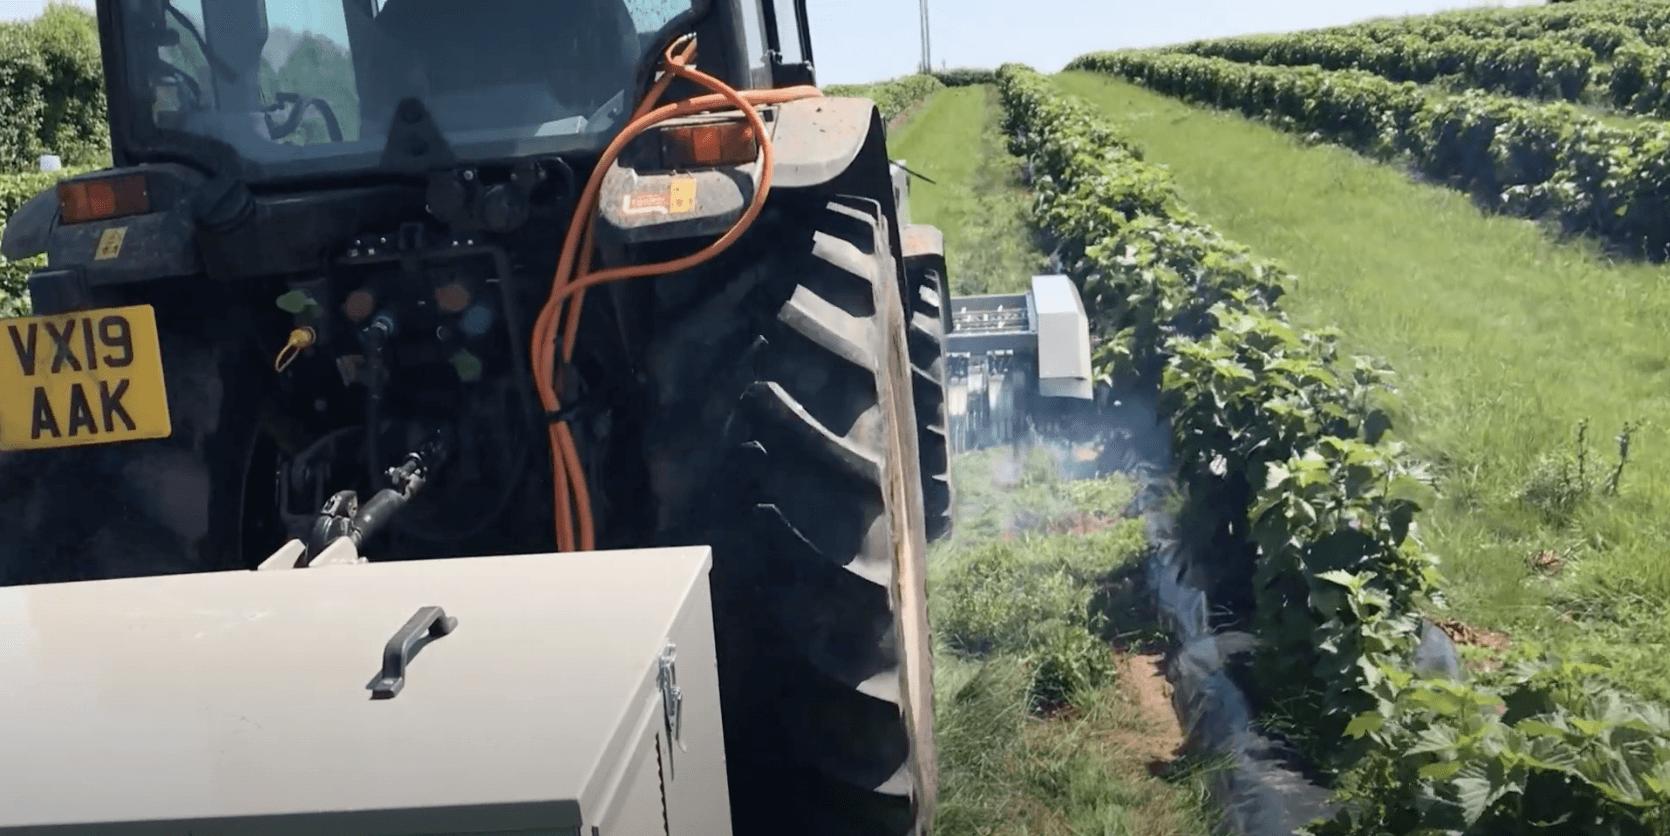 除草剤を使わず、電気を利用して雑草除去が可能な除草機を販売するRootwave社について解説